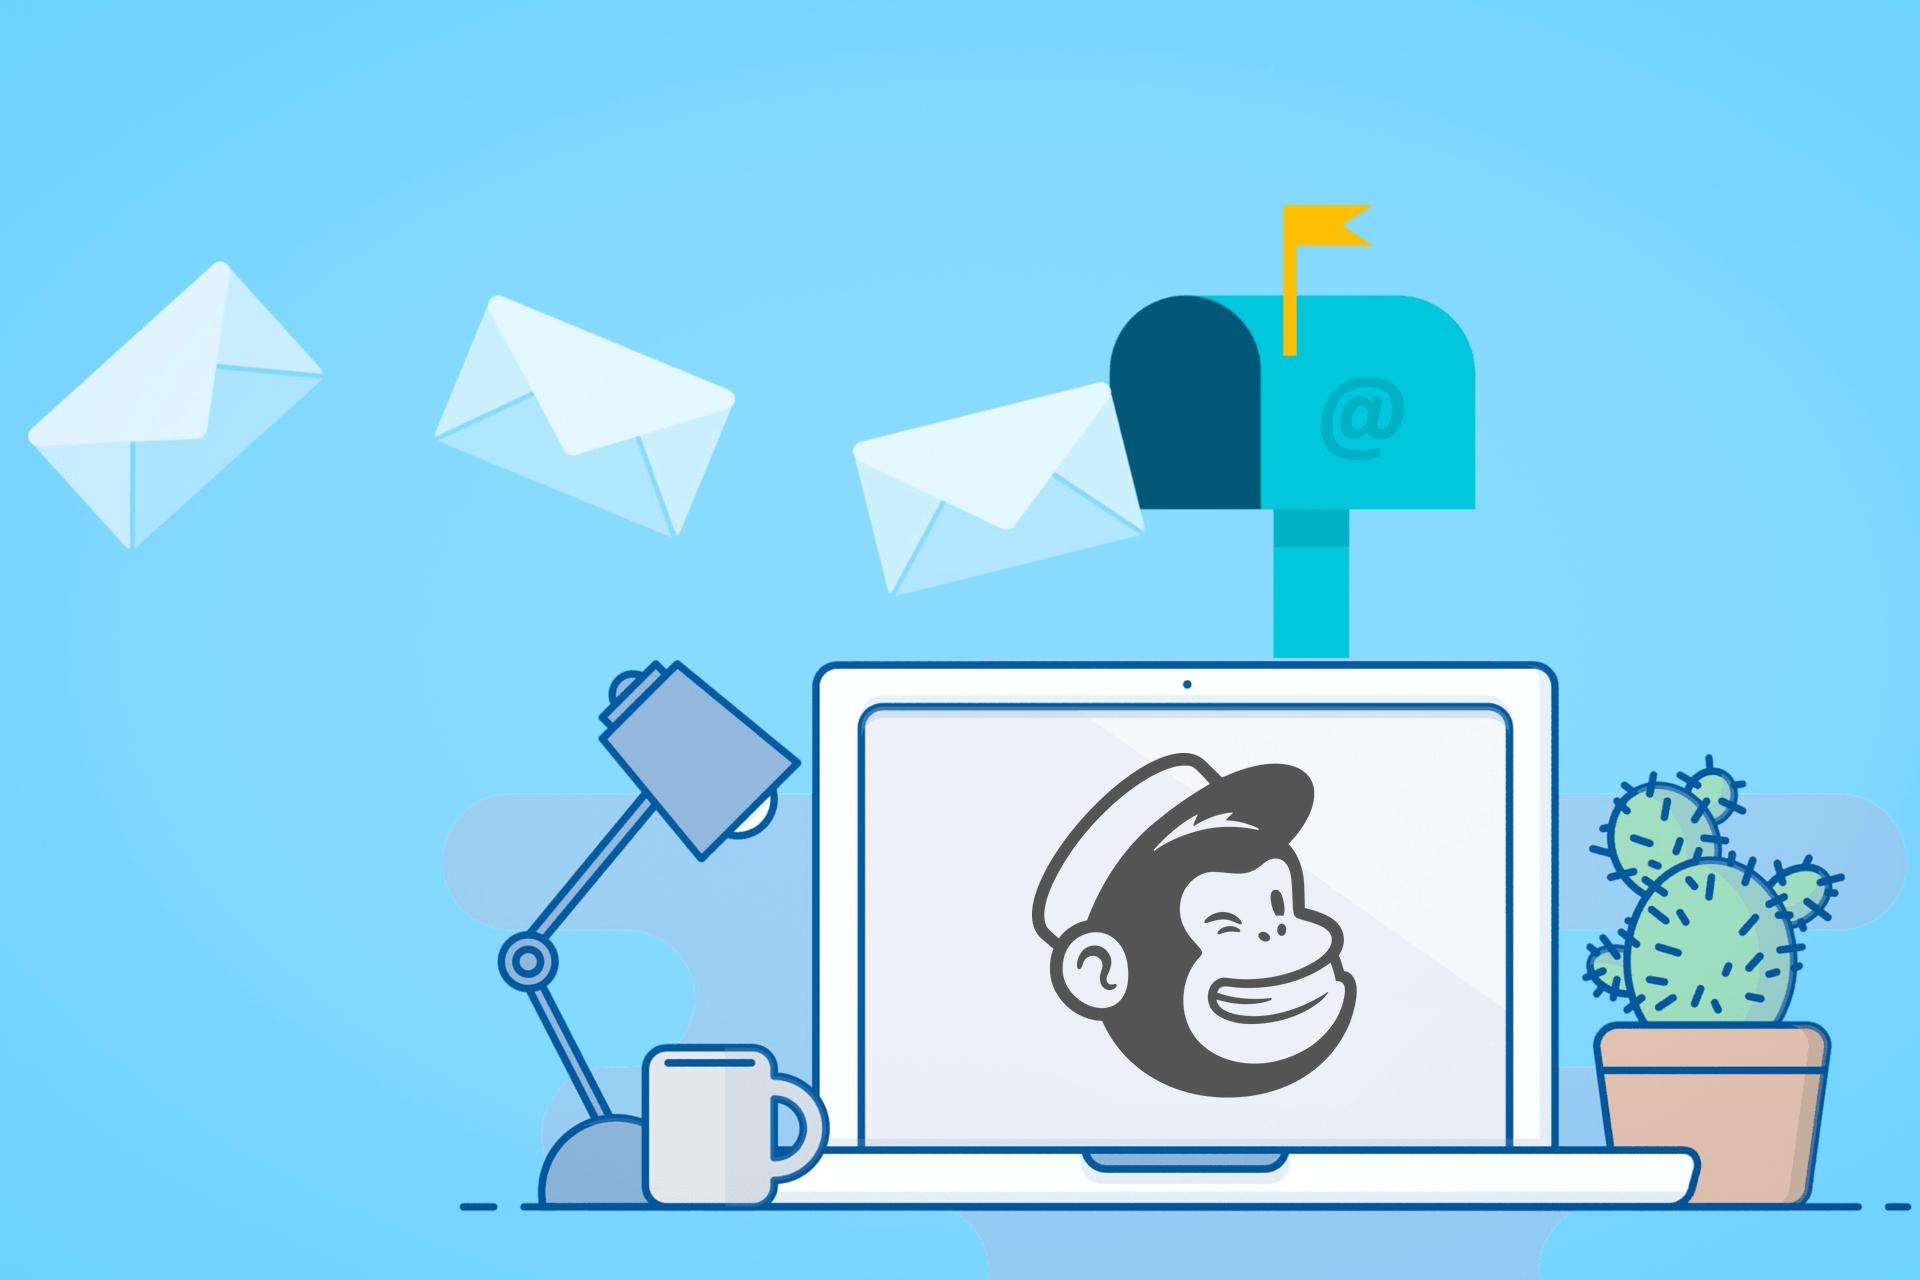 Suas newsletters favoritas têm um problema de privacidade